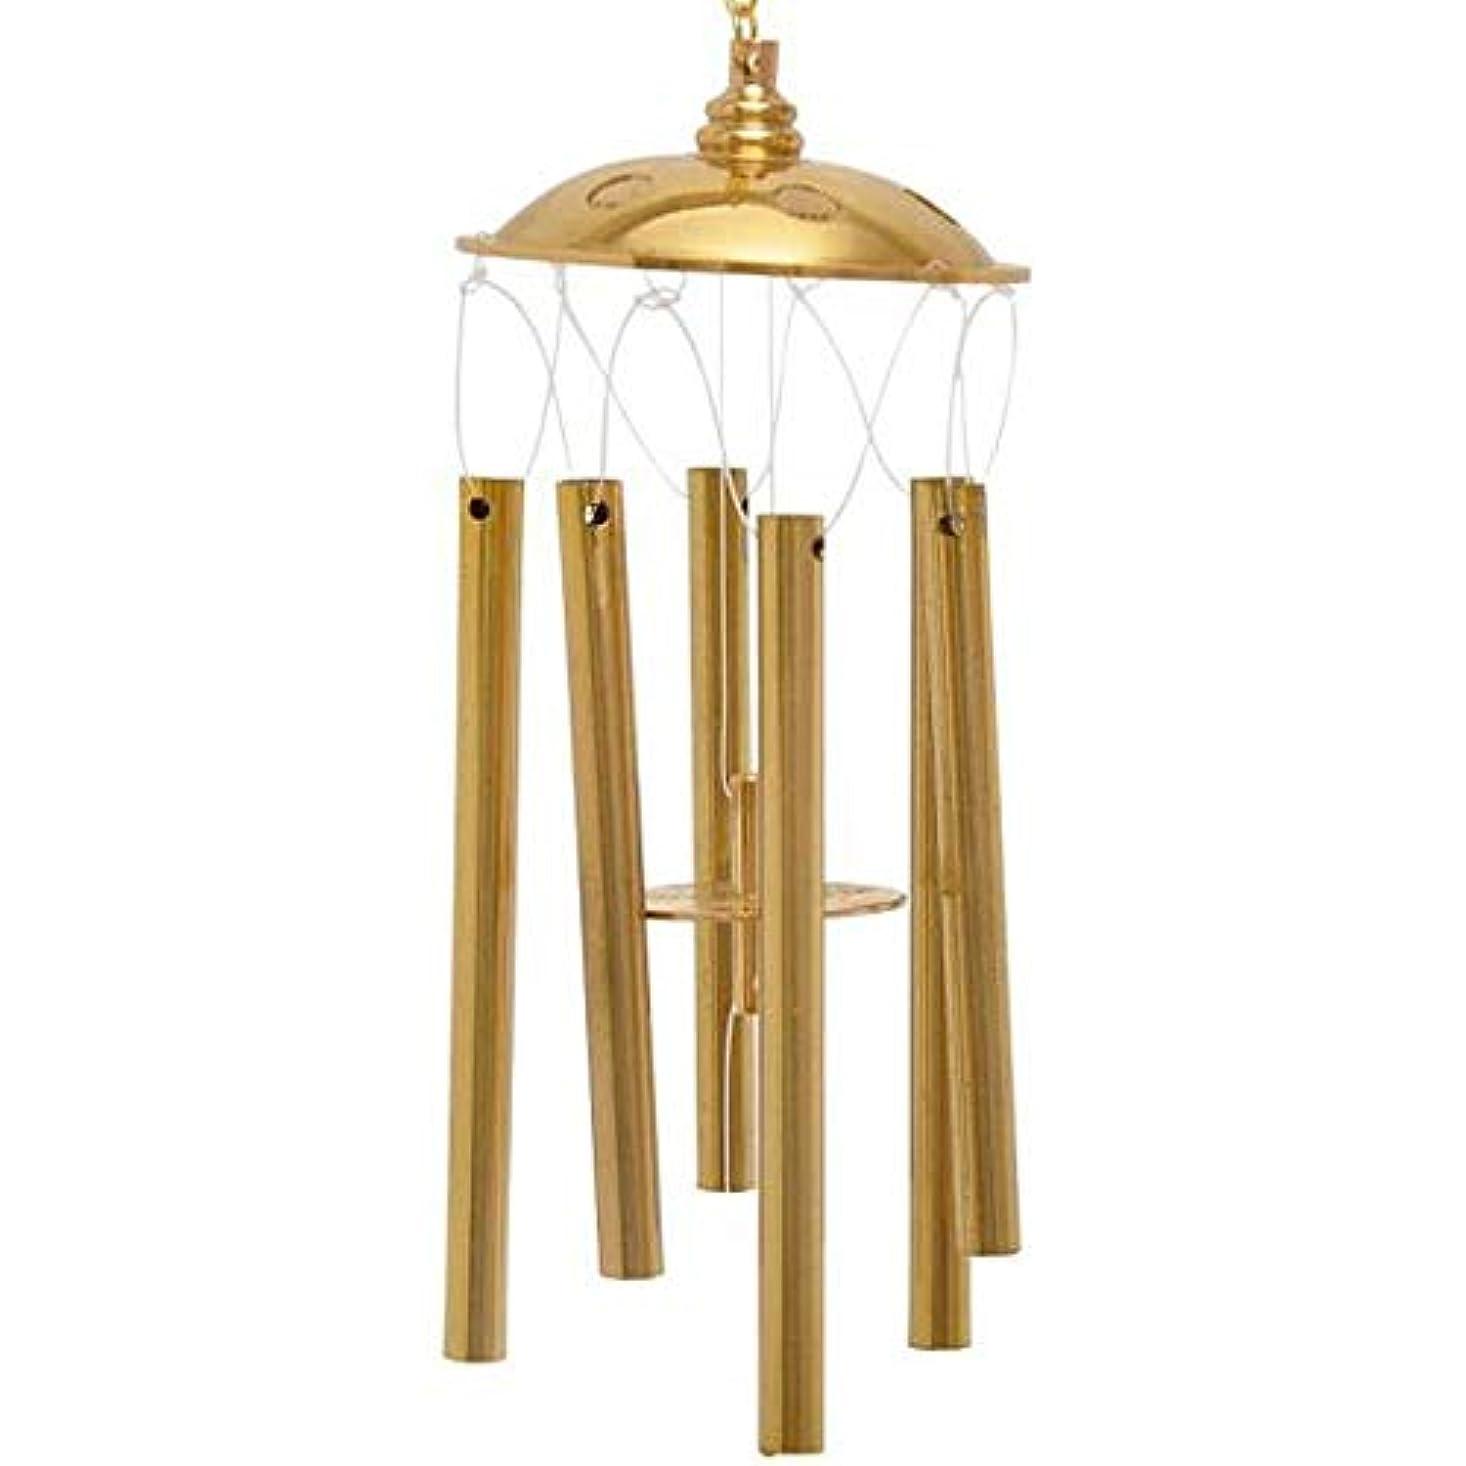 本を読むロケーション咲くYoushangshipin 風チャイム、真鍮ホームデコレーション6チューブ風の鐘、ゴールド、全長約22CM,美しいギフトボックス (Size : 27cm)